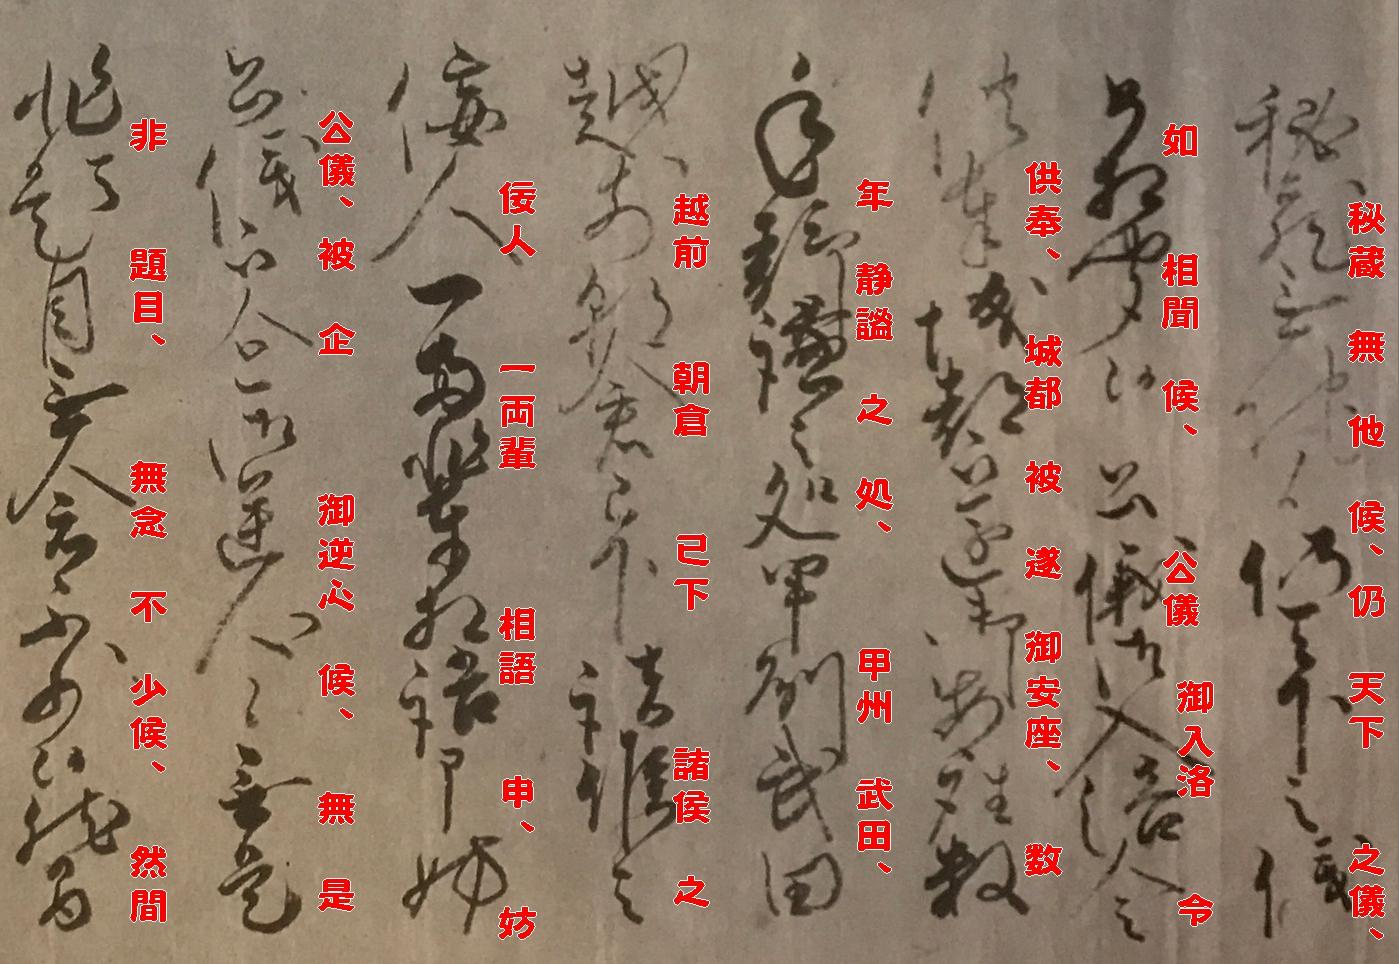 『十二月二十八日付織田信長朱印状(伊達家文書 一)』b+釈文